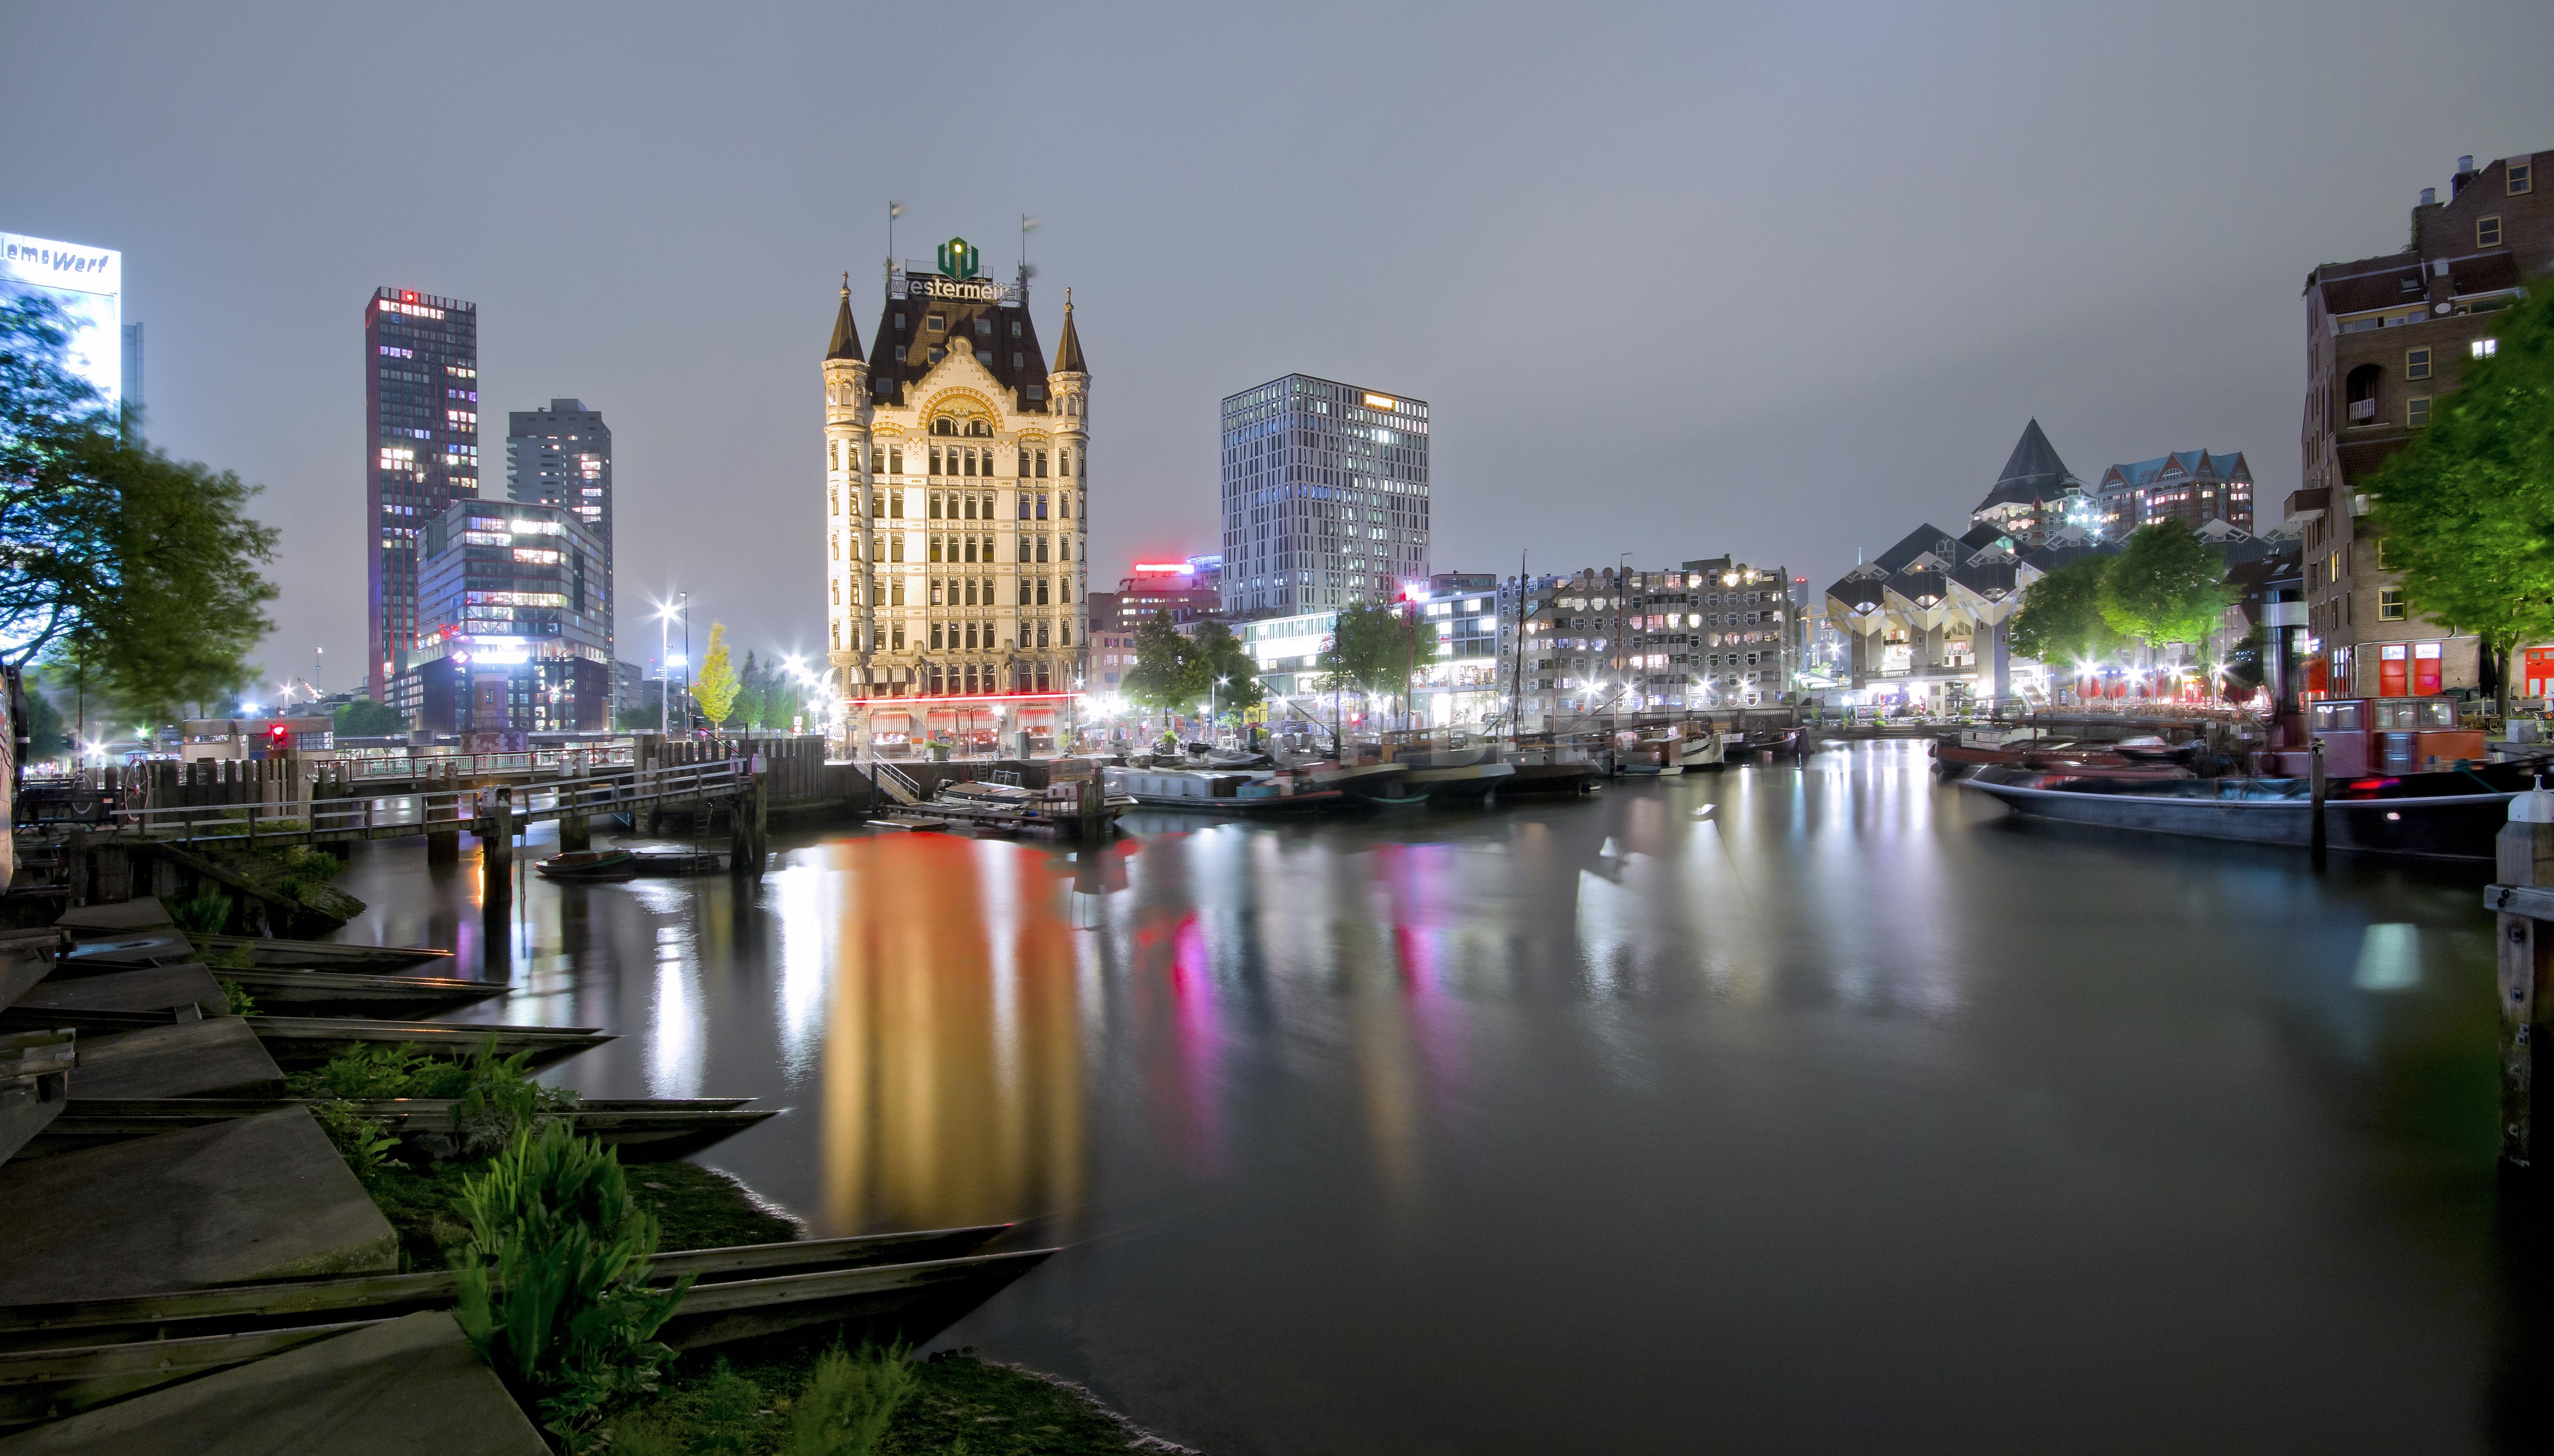 Oude Haven In Rotterdam Nieuws Op Beeld Altijd Het